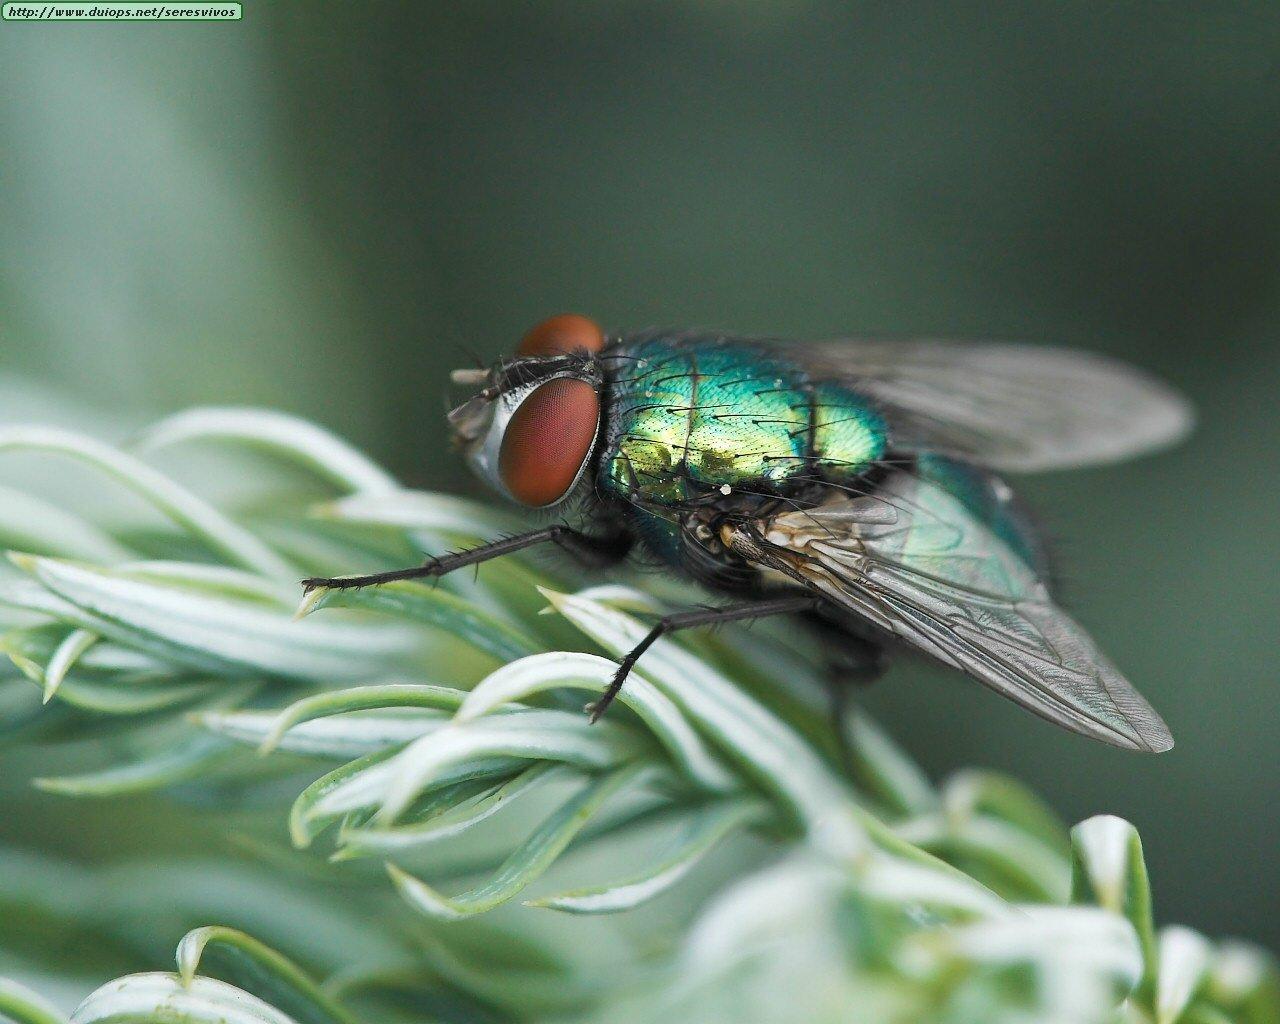 Fotos de insectos i - Fotos de insectos para imprimir ...